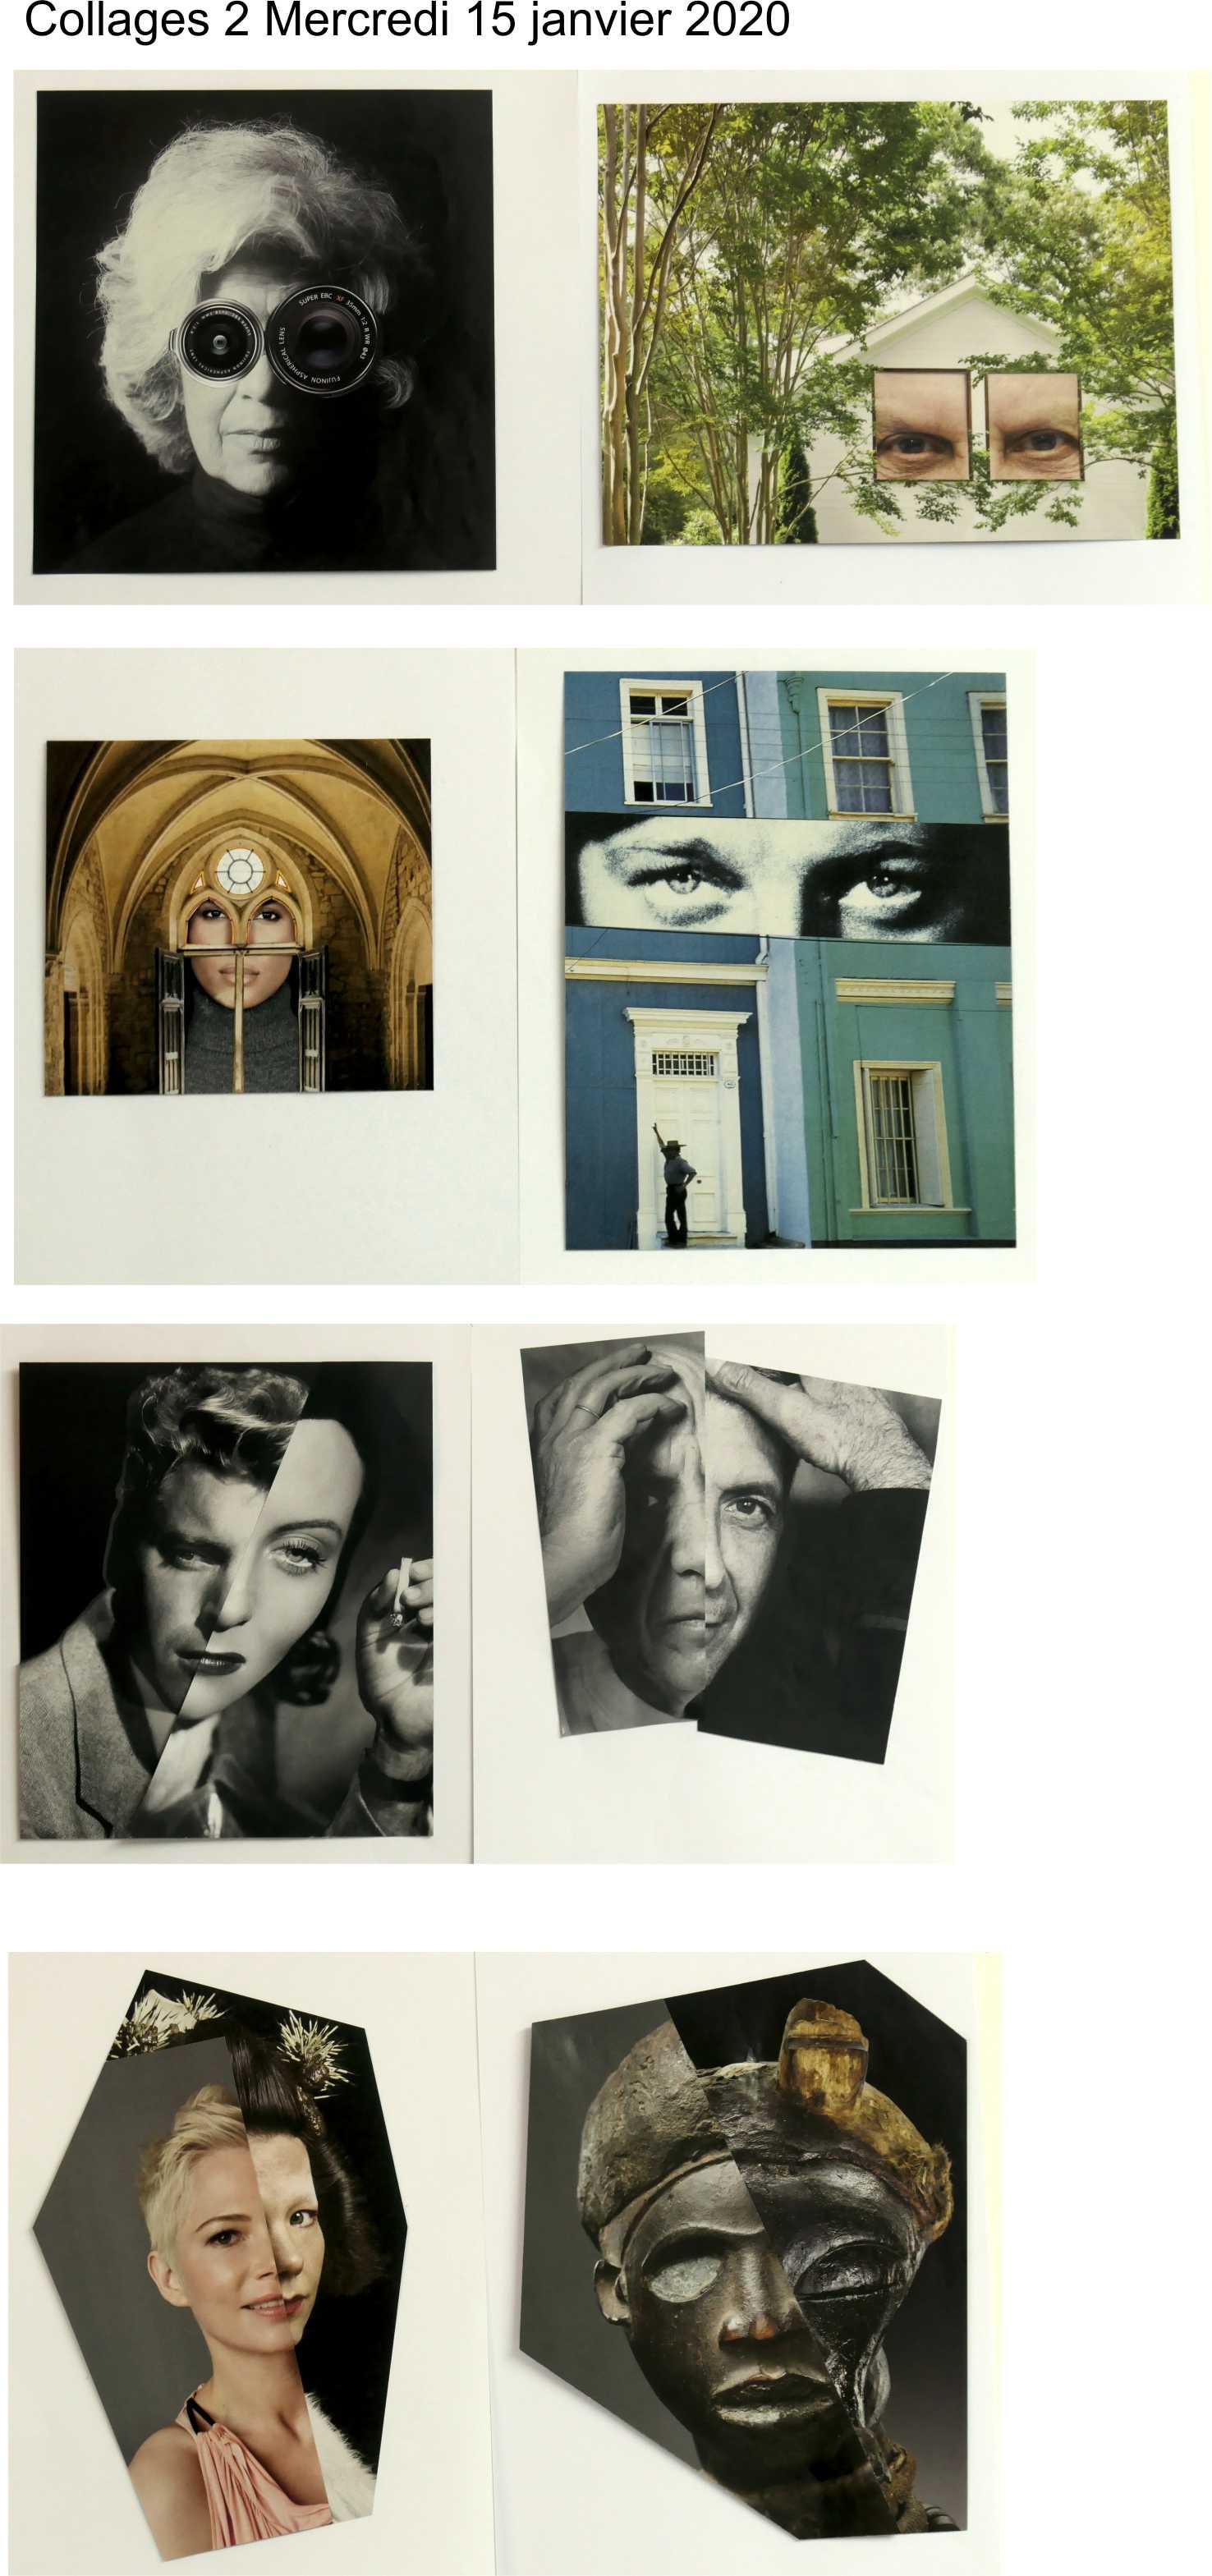 Collages 2 mercredi 15 janvier 2020